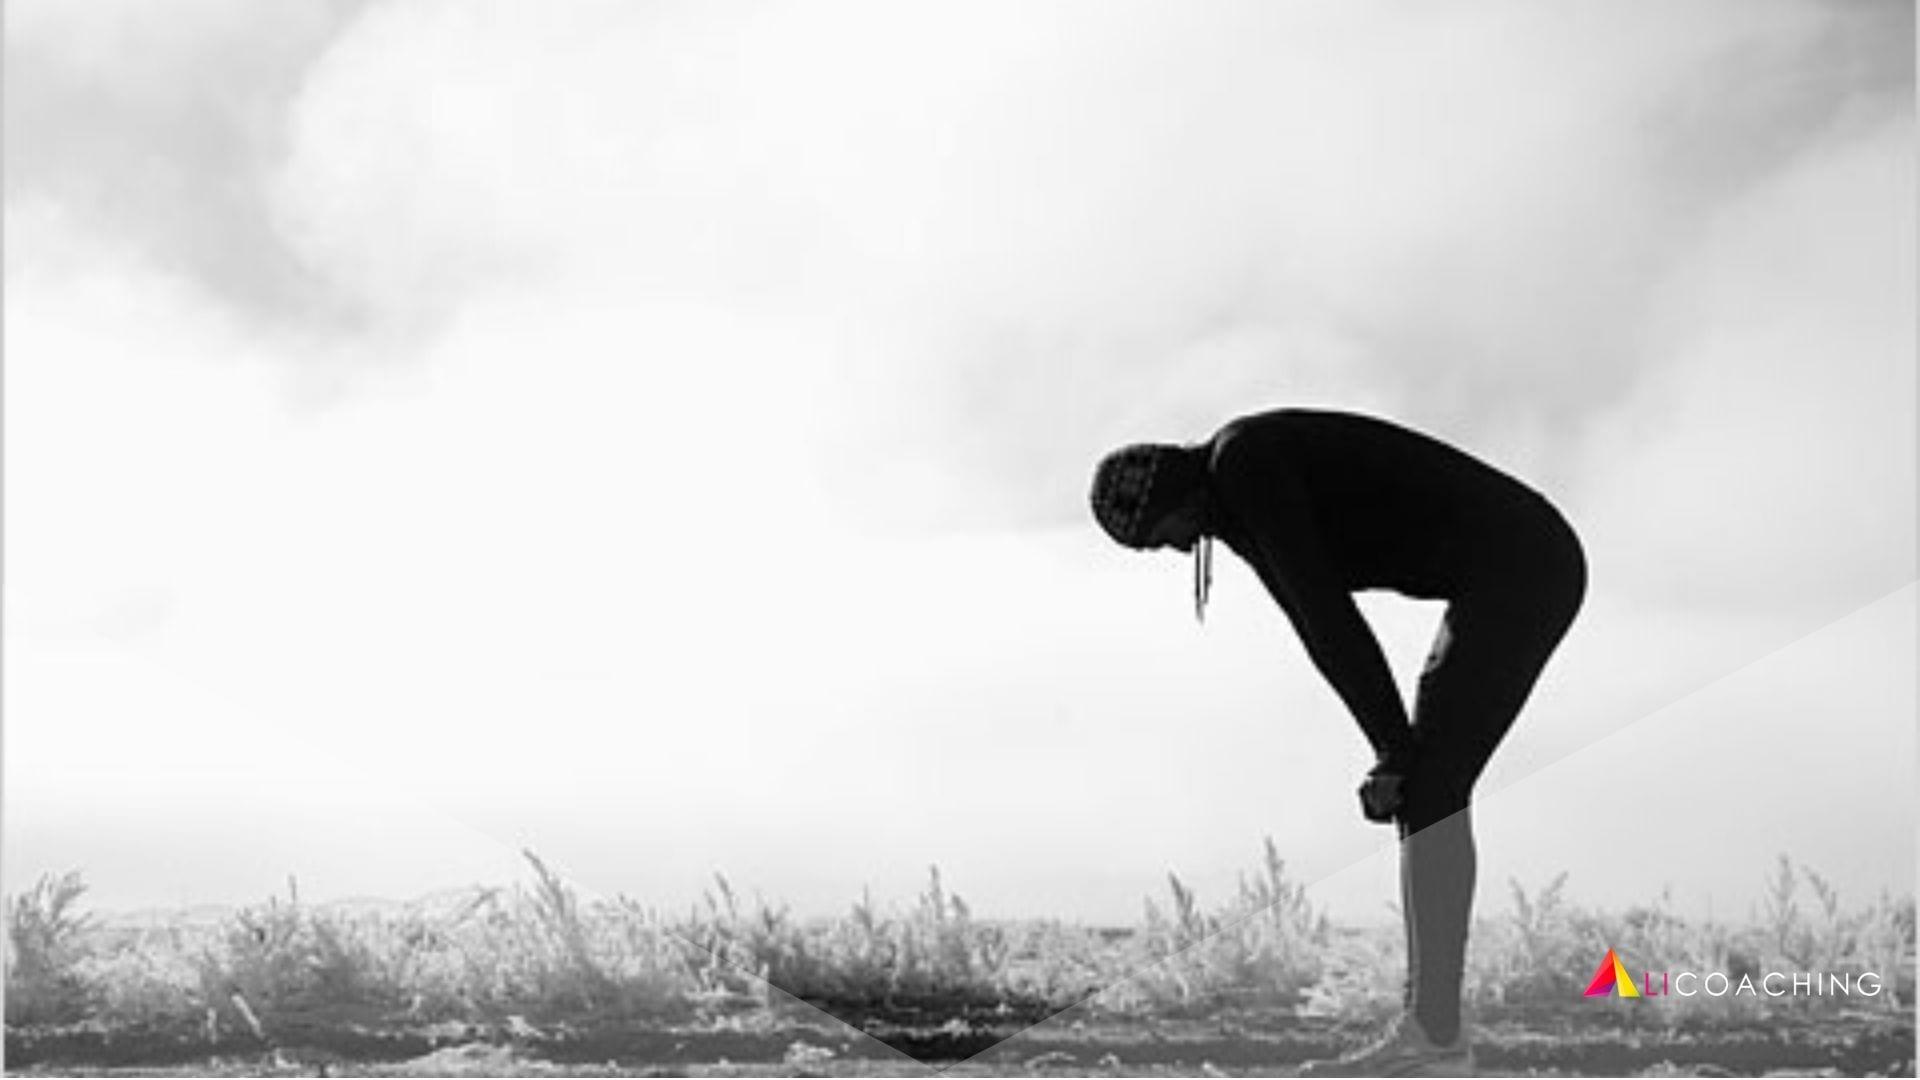 3 consigli per recuperare da un infortunio. Superarlo con più slancio!